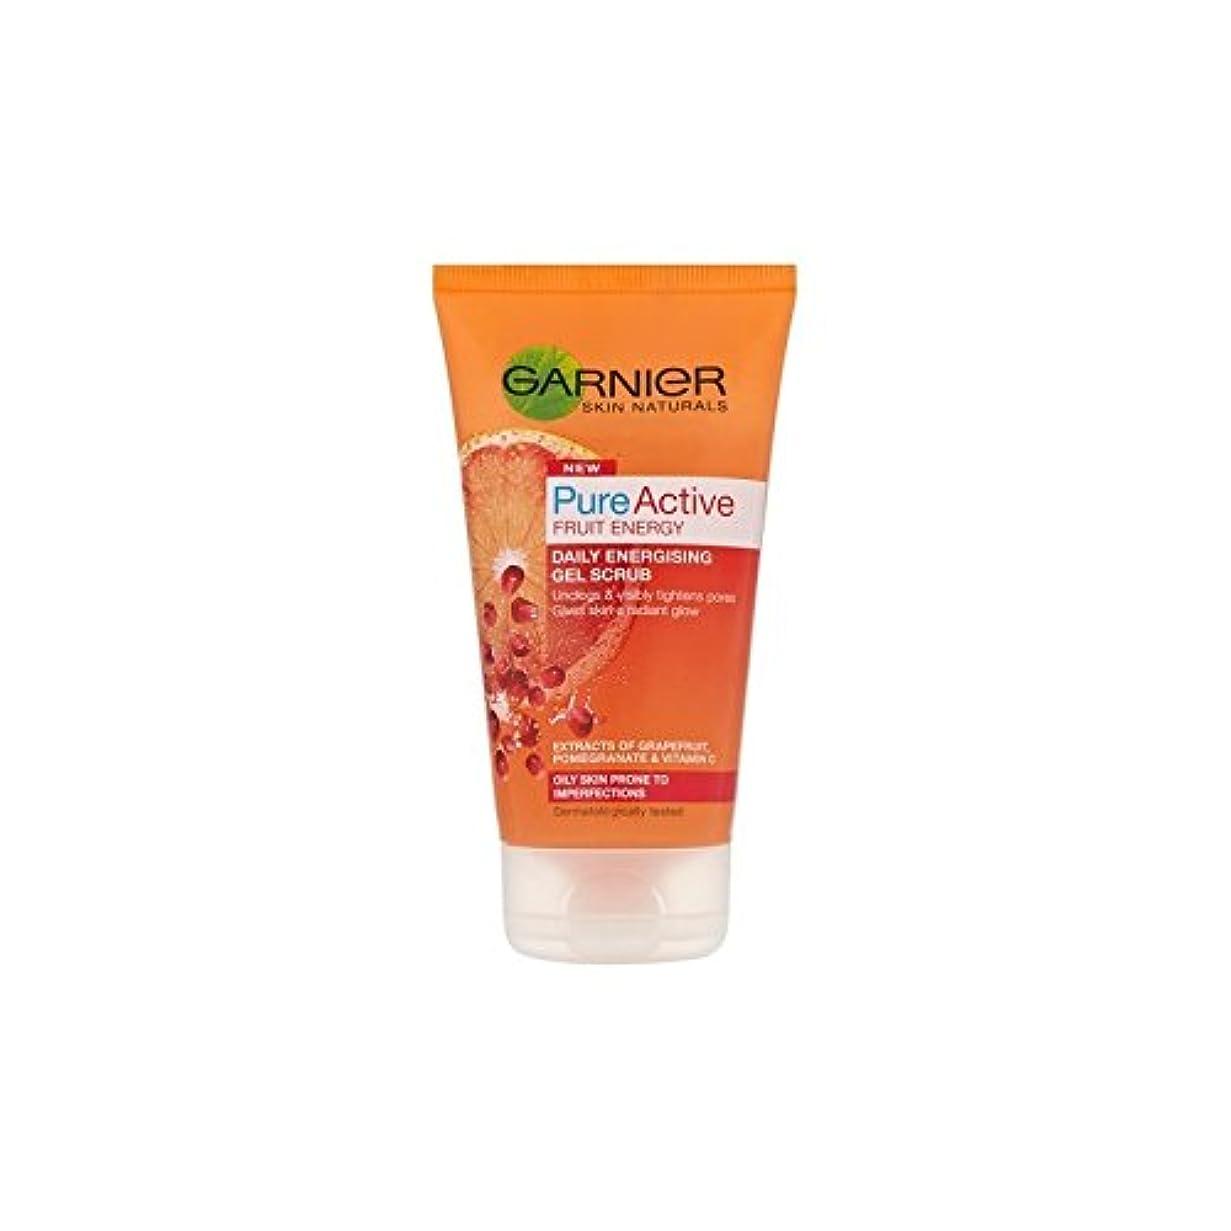 すべてルー創傷純粋な活性通電ゲルスクラブ(150ミリリットル)ガルニエ皮膚ナチュラル x4 - Garnier Skin Naturals Pure Active Energising Gel Scrub (150ml) (Pack of 4) [並行輸入品]